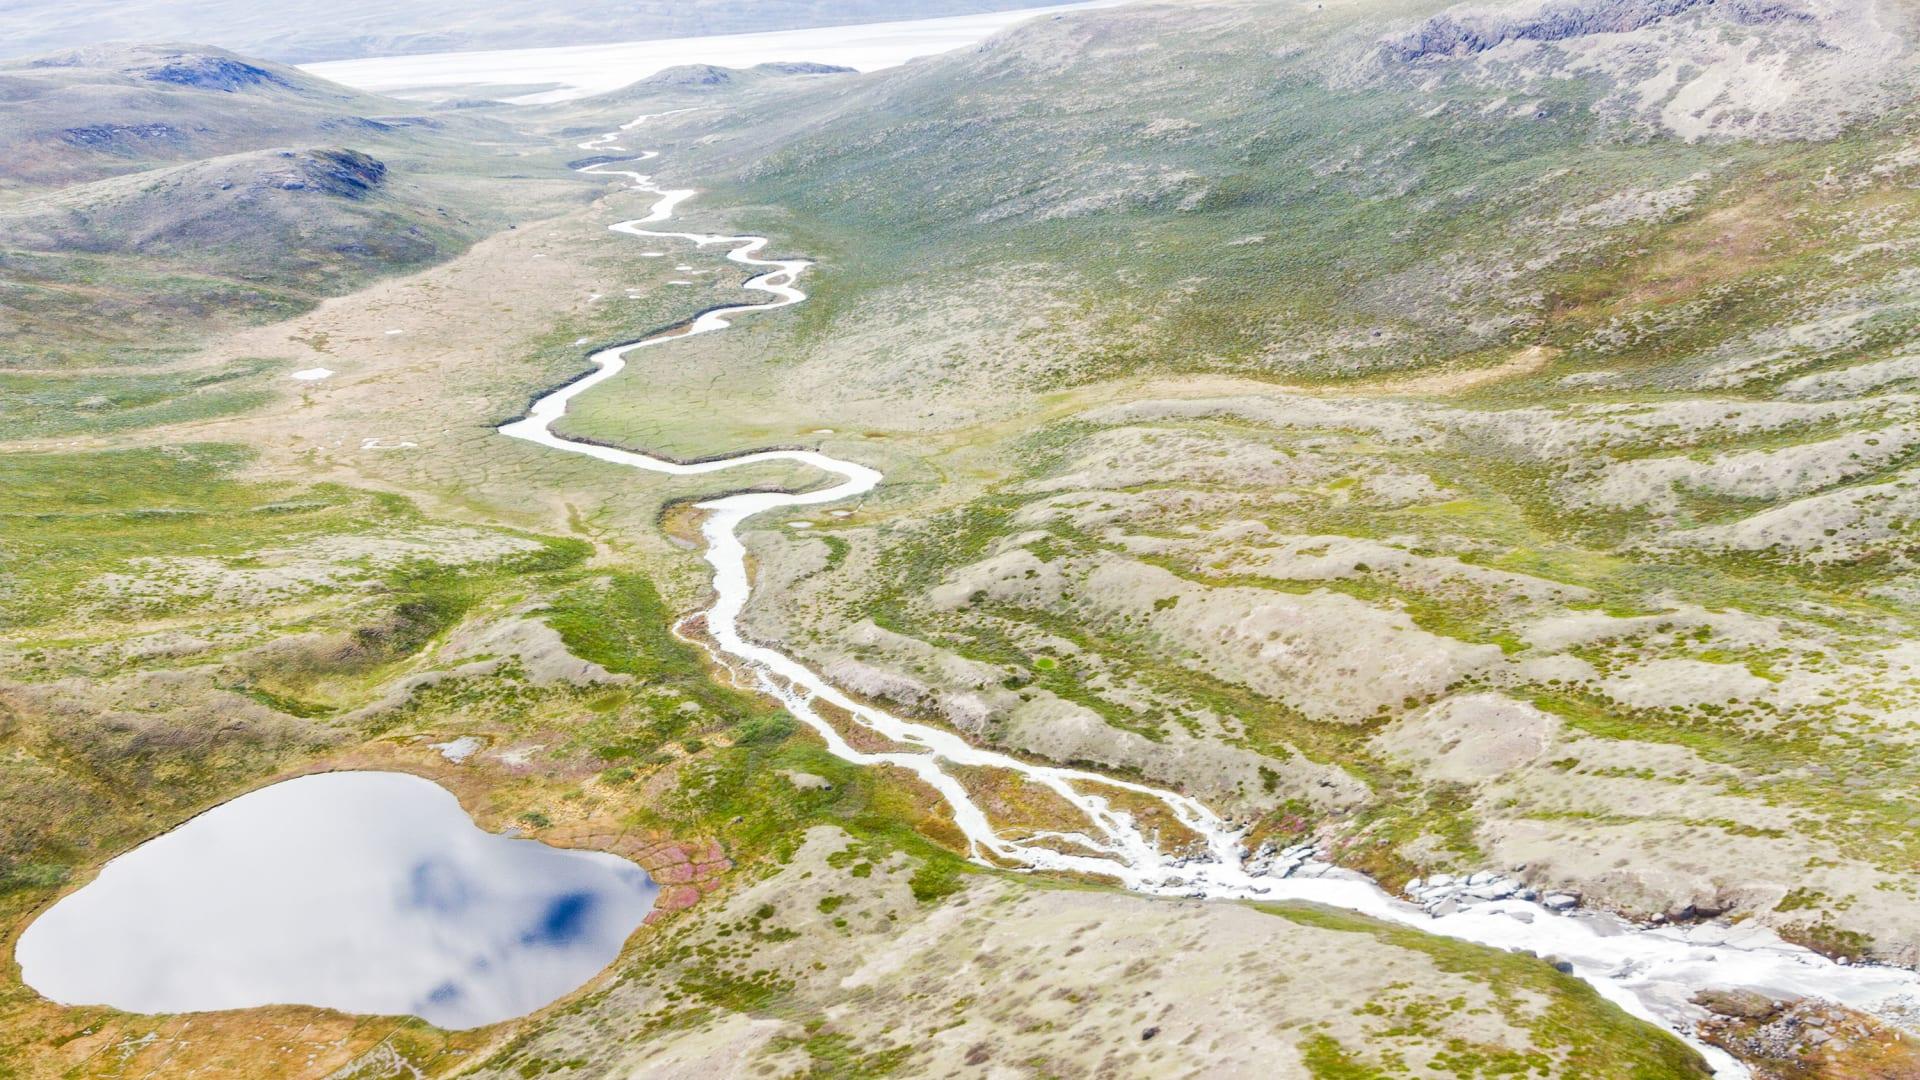 كشف هذا المشروع السري من عصر الحرب الباردة عن مفاجأة في أعماق الجليد في غرينلاند